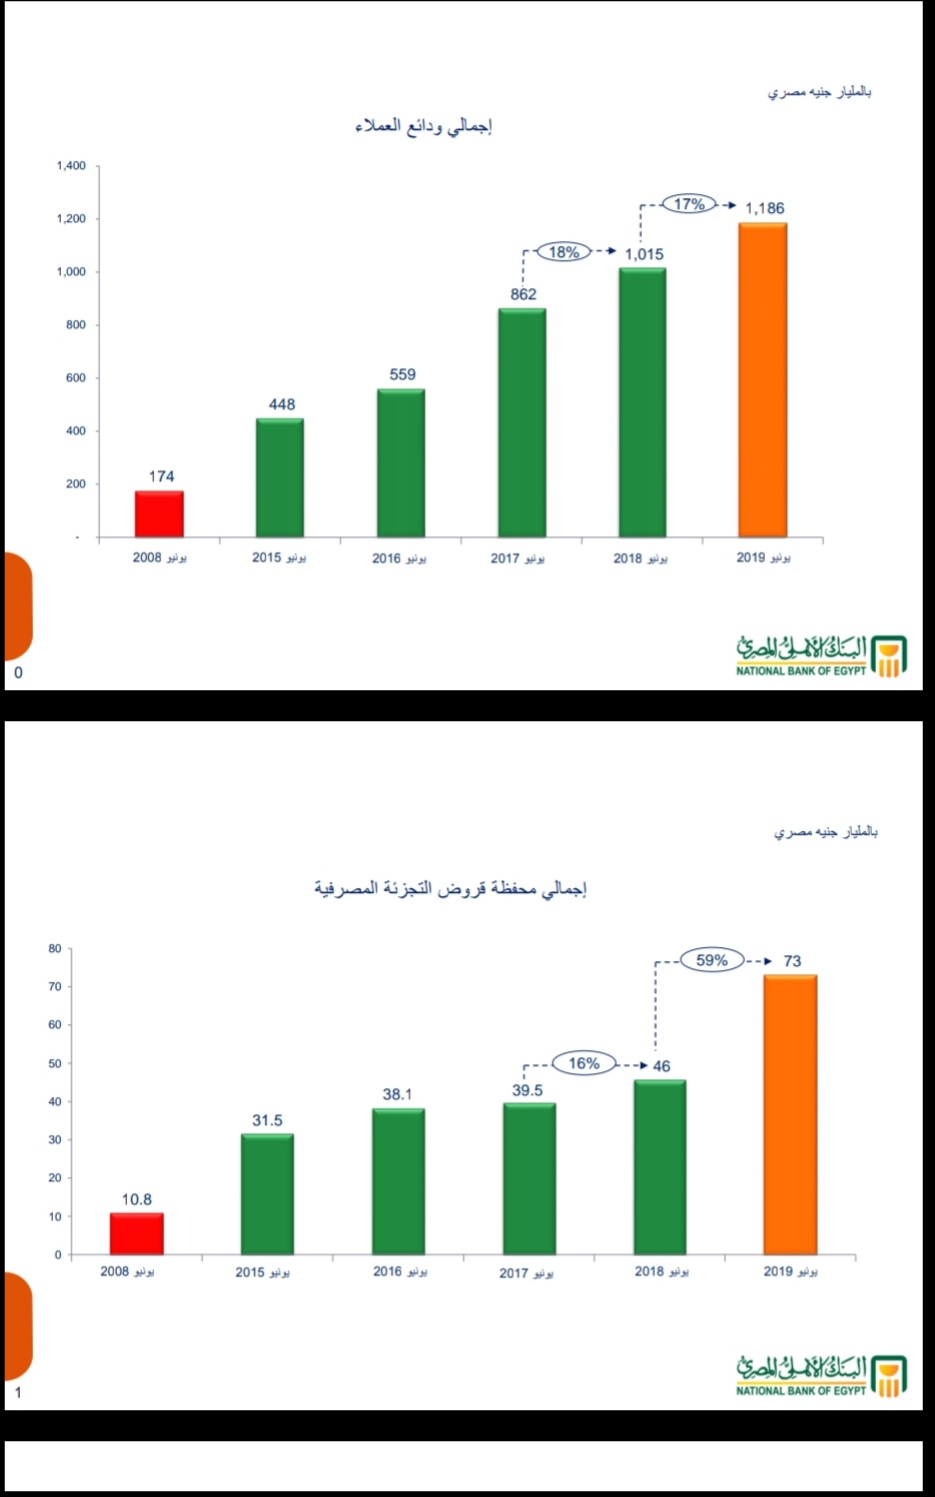 73مليار جنيه اجمالي حجم قروض التجزئة المصرفية بالبنك الأهلي المصري